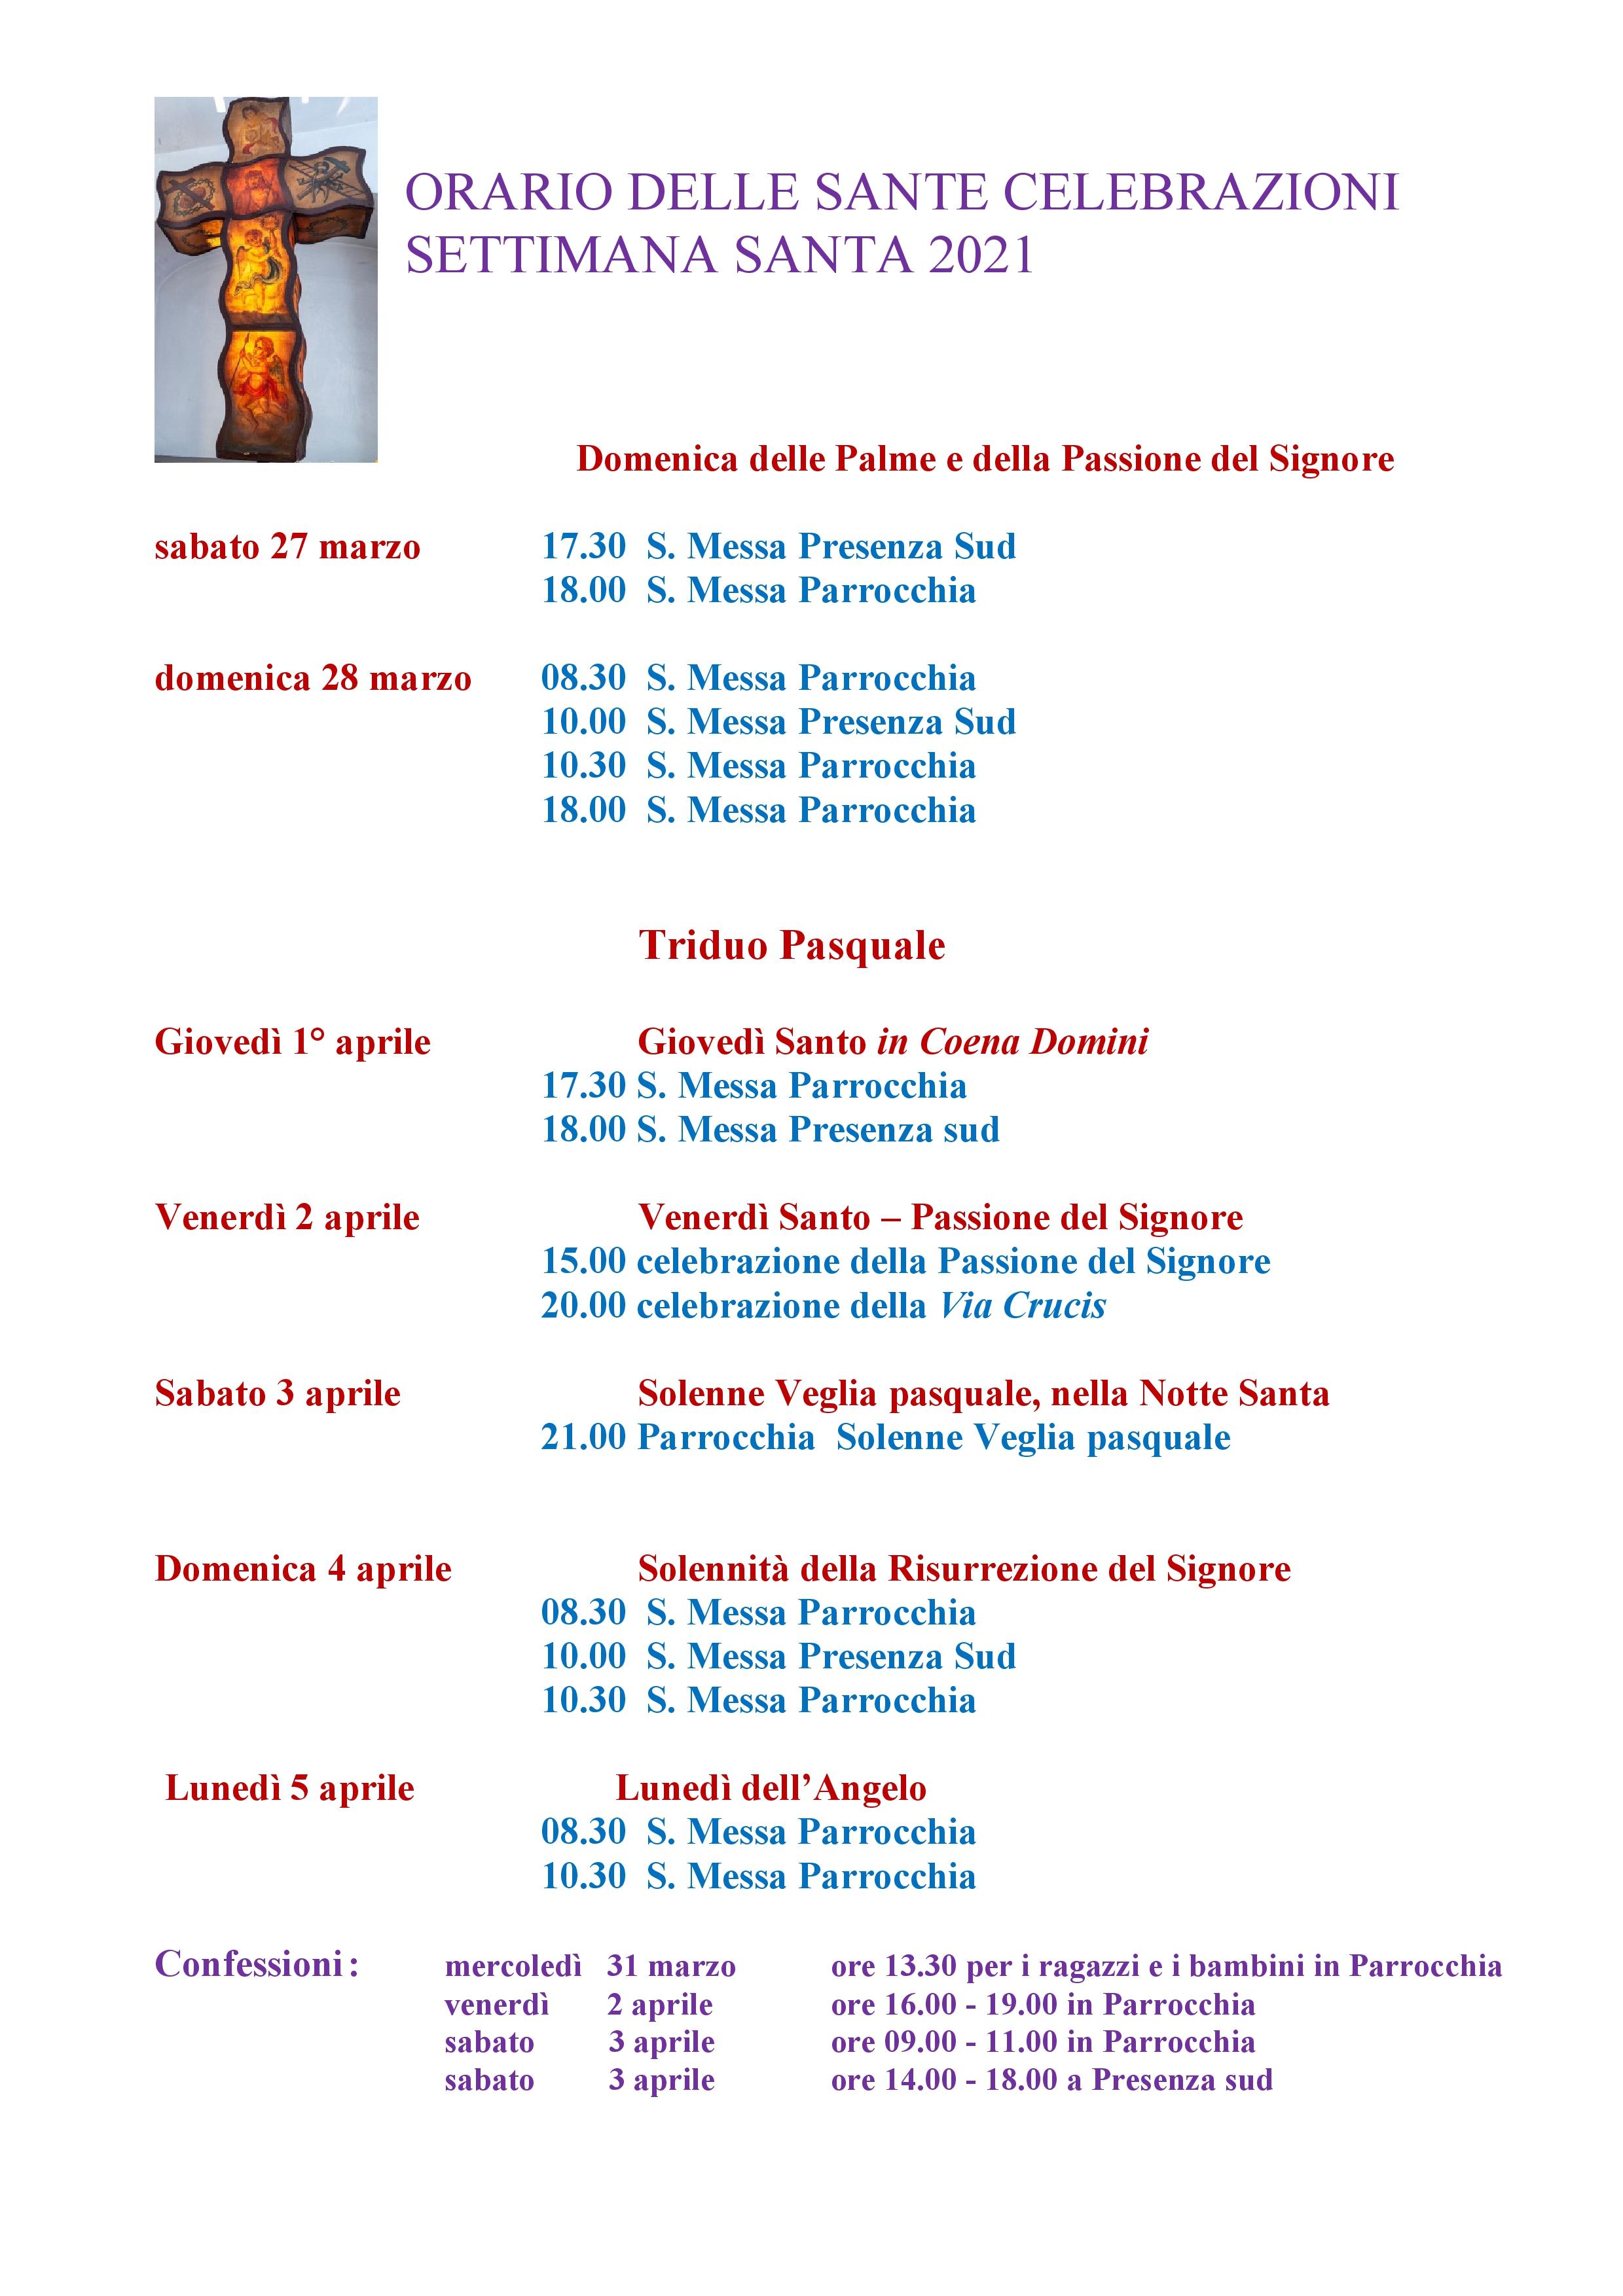 ORARIO DELLE SANTE CELEBRAZIONI Pasqua